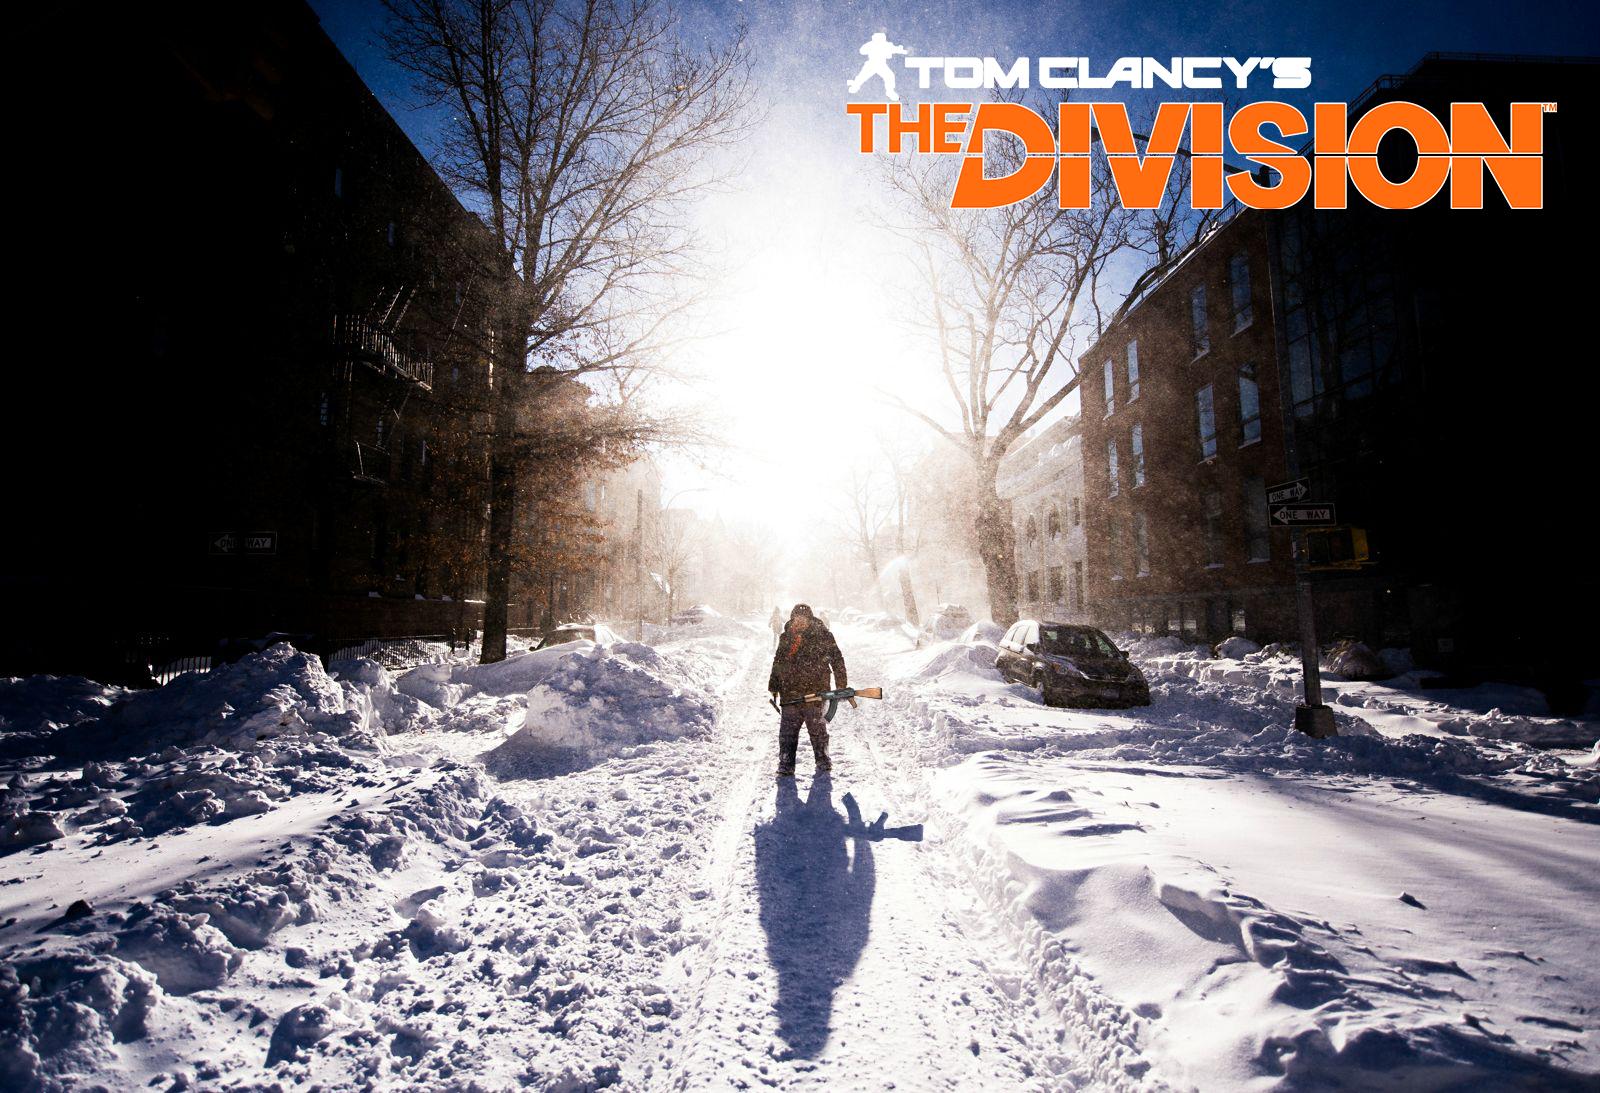 man shoveling snow fake movie poster